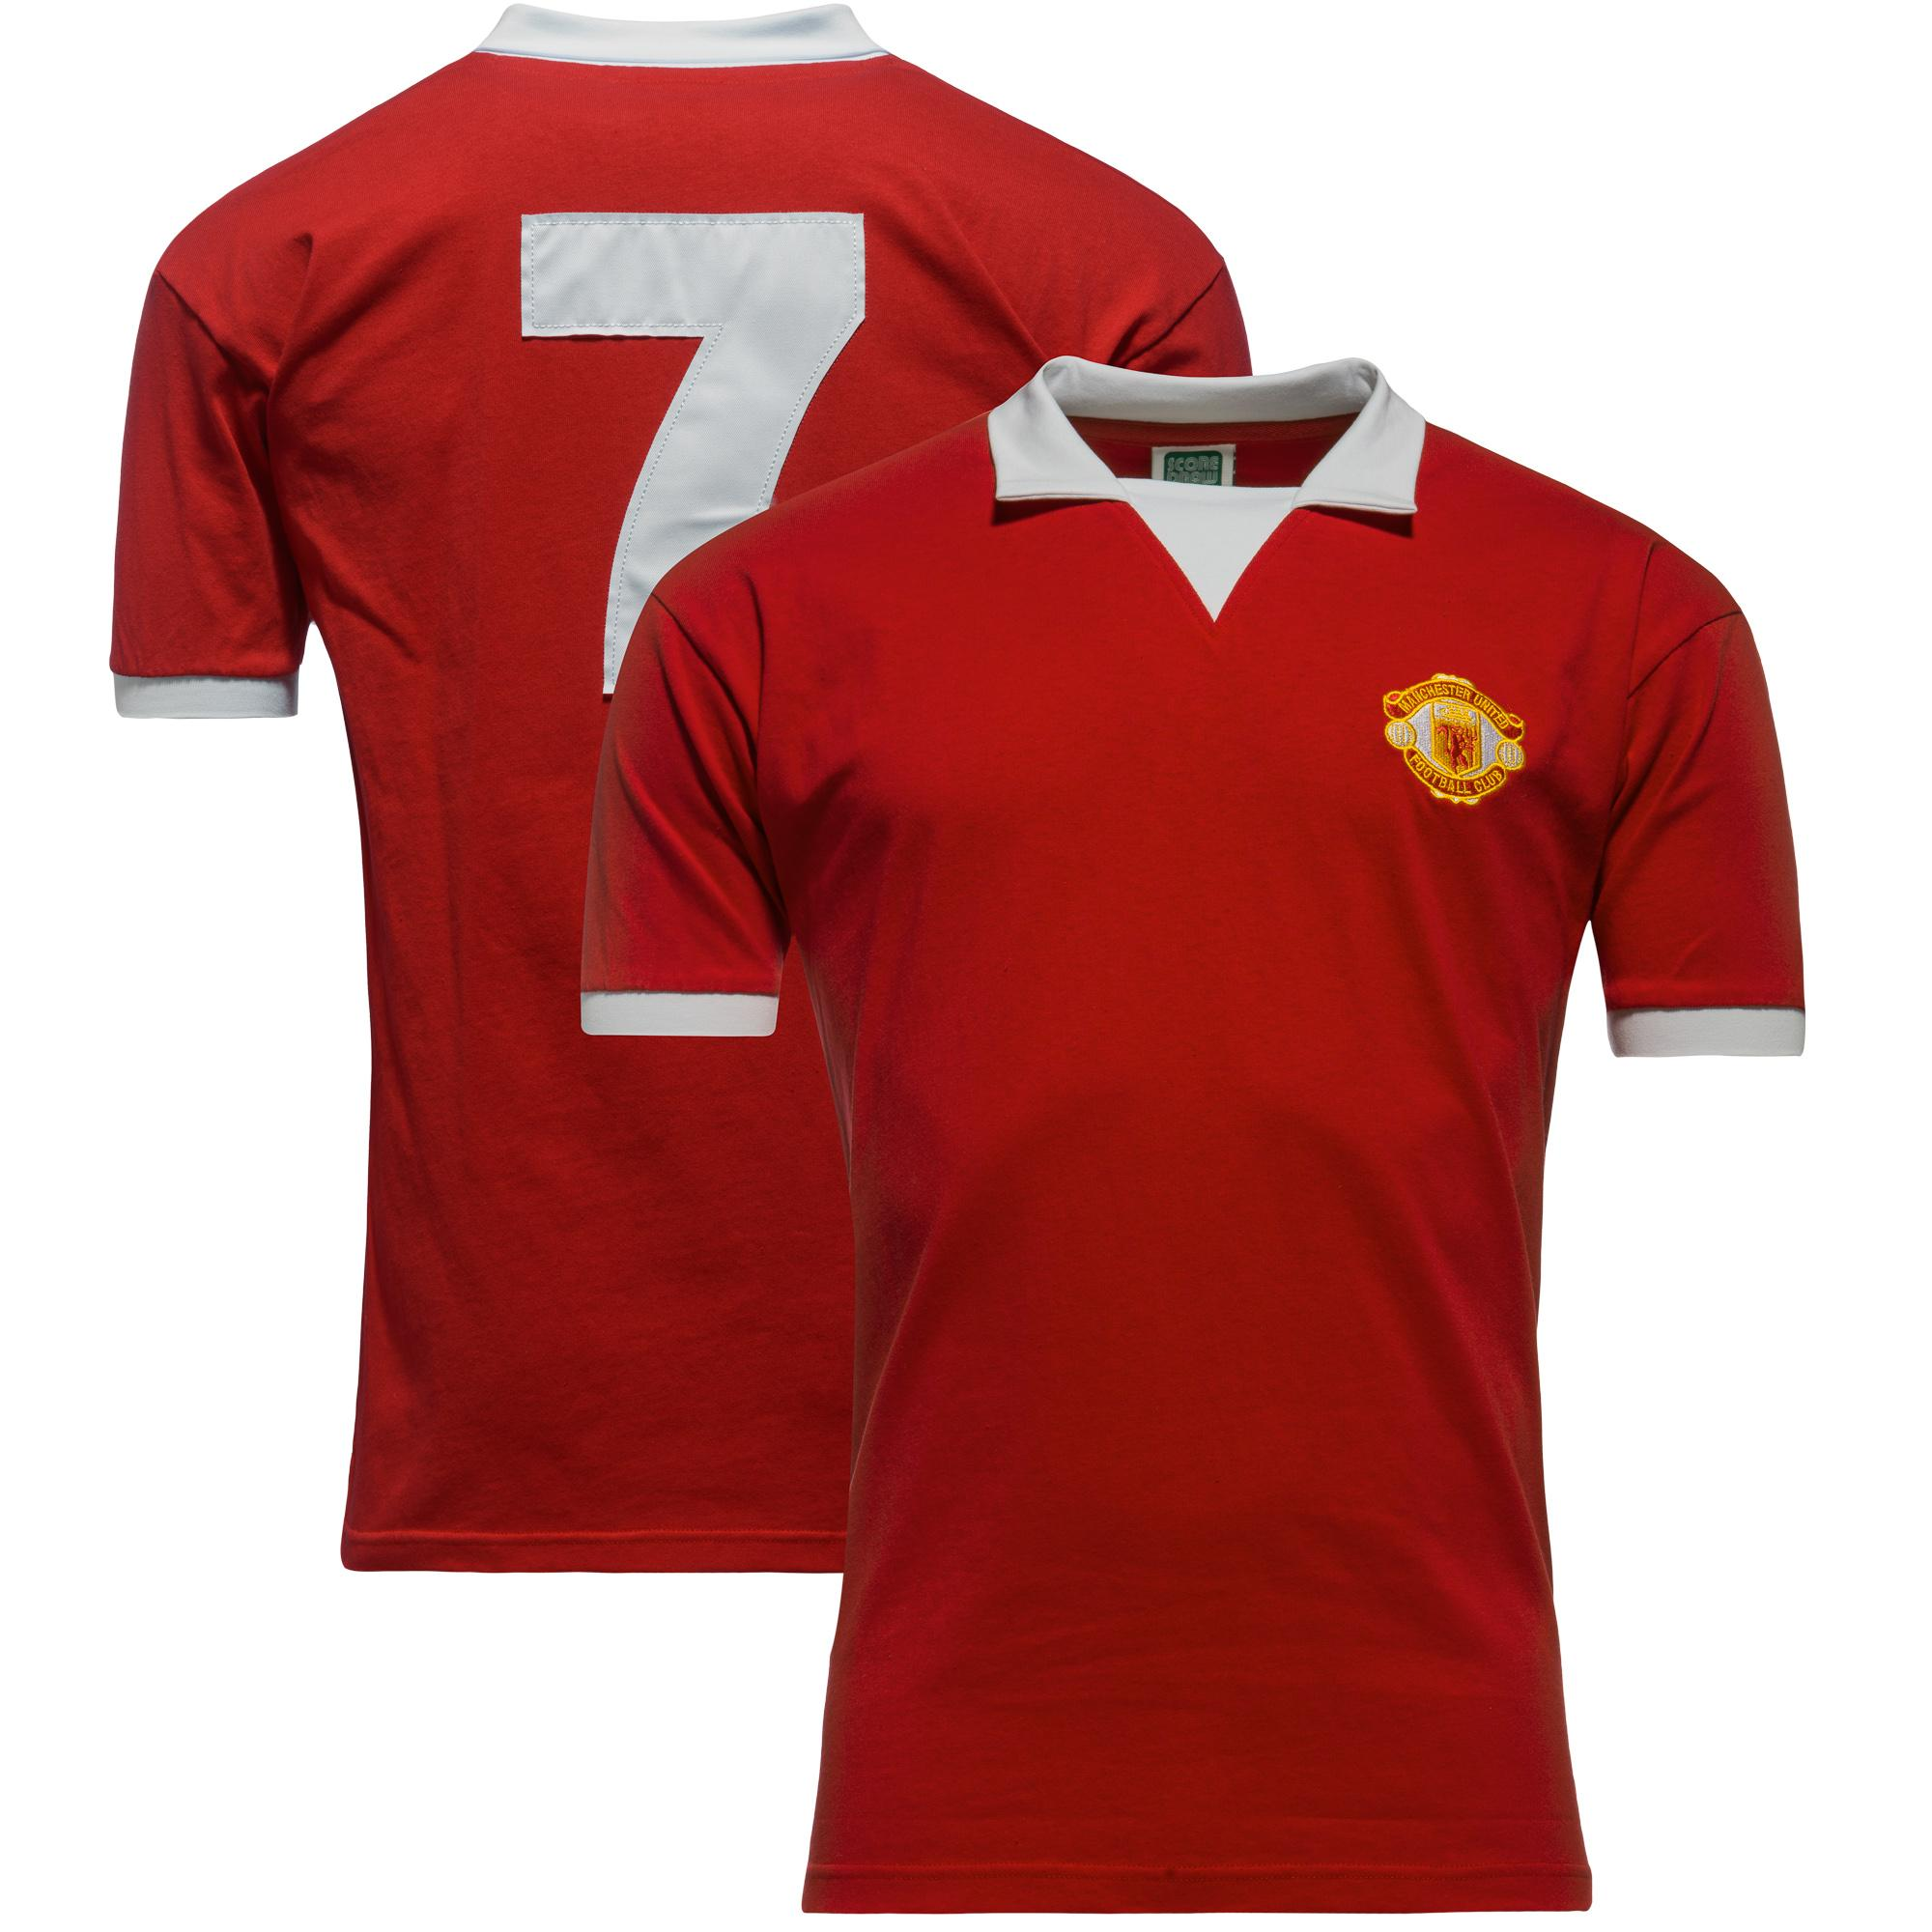 Manchester United Hemmatröja 1973/74 No. 7